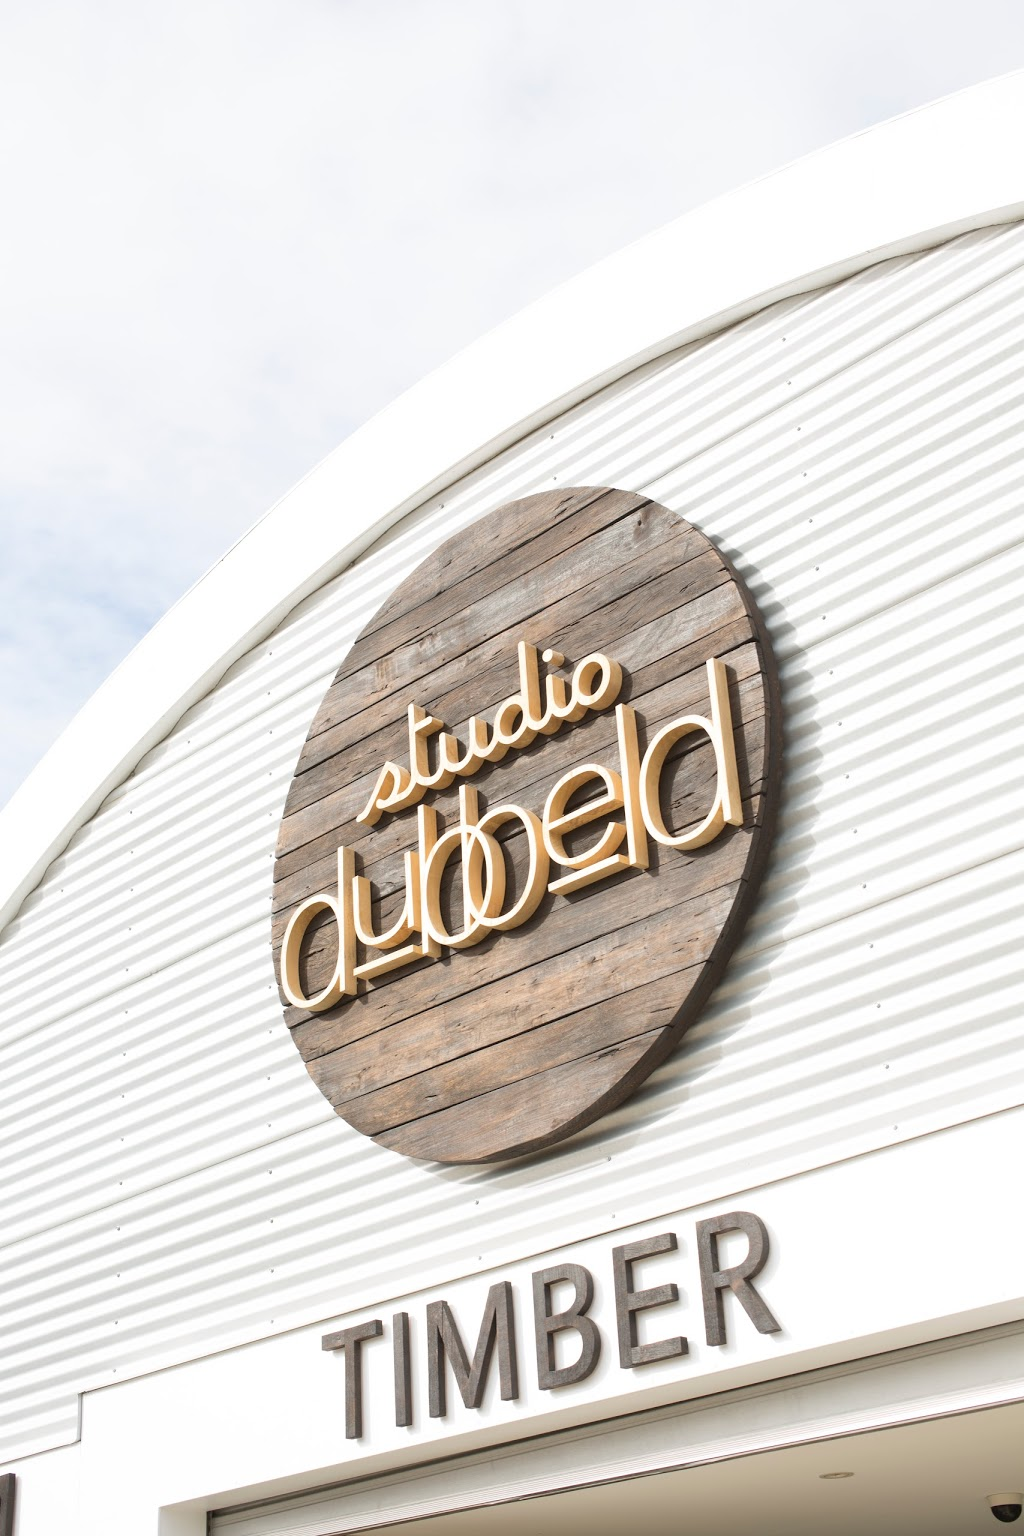 Studio Dubbeld Wood Tools and Schools | store | 142 Bundock St, Belgian Gardens QLD 4810, Australia | 0747215066 OR +61 7 4721 5066